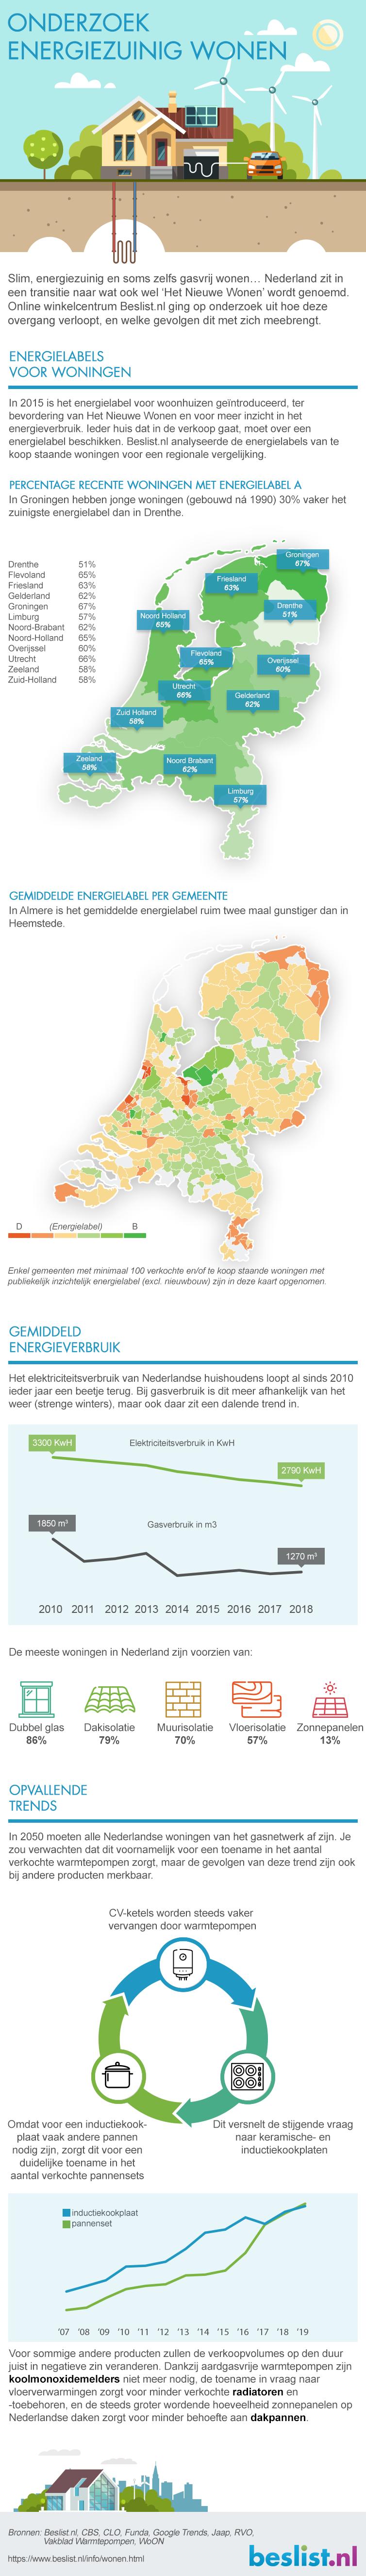 Infographic: Het energiezuinig wonen onderzoek